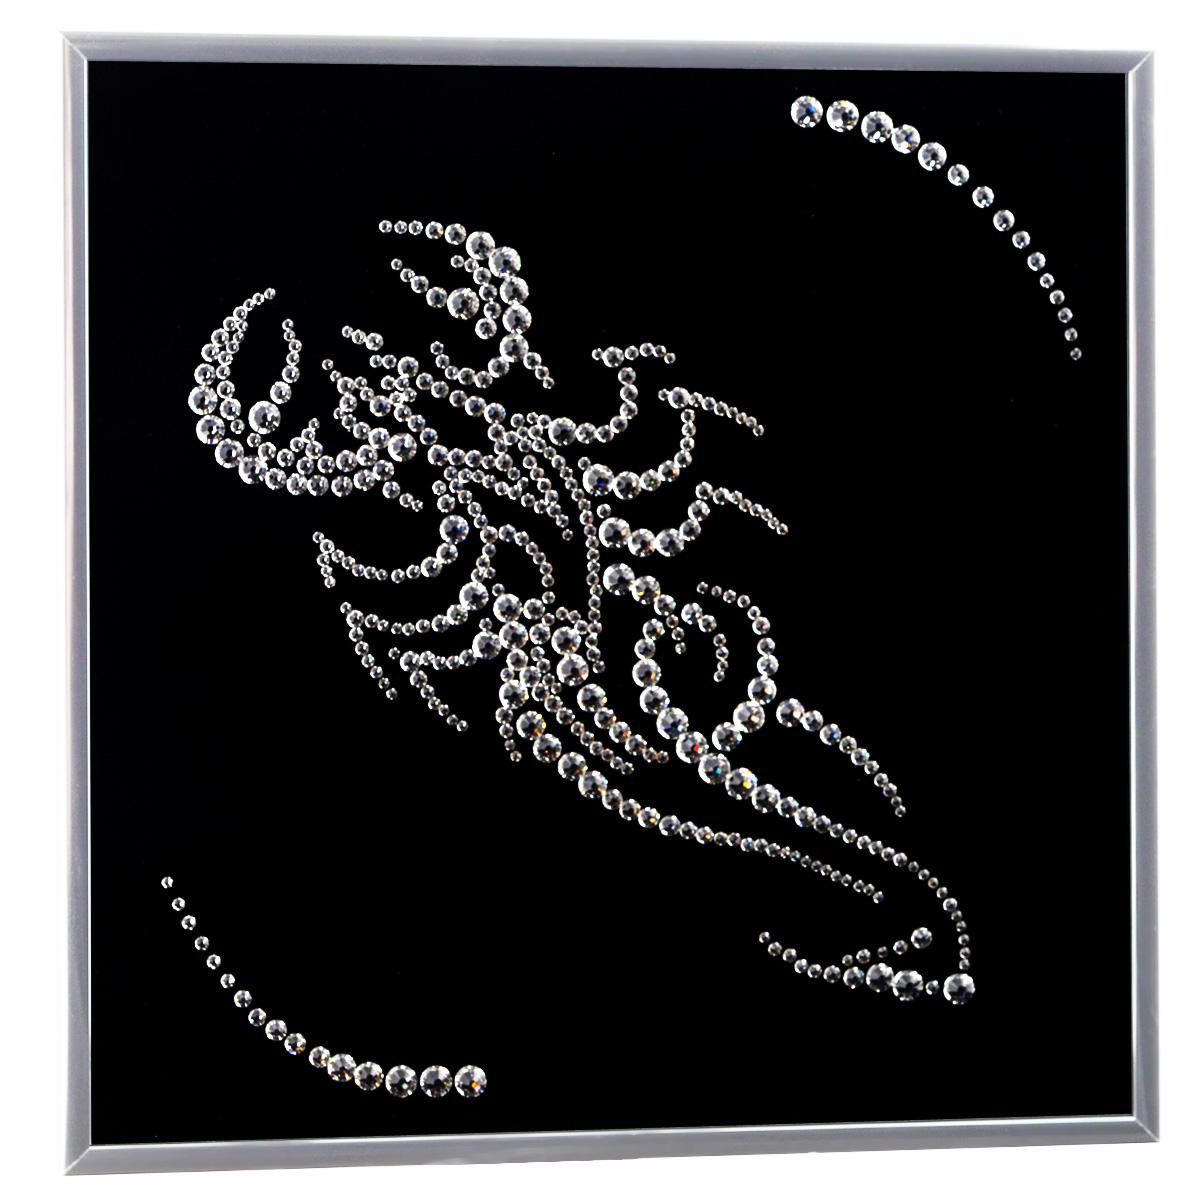 Картина с кристаллами Swarovski Знак зодиака. Скорпион, 26 см х 26 см1124Изящная картина в металлической раме, инкрустирована кристаллами Swarovski в виде знака зодиака - скорпион. Кристаллы Swarovski отличаются четкой и ровной огранкой, ярким блеском и чистотой цвета. Под стеклом картина оформлена бархатистой тканью, что прекрасно дополняет блеск кристаллов. С обратной стороны имеется металлическая петелька для размещения картины на стене. Картина с кристаллами Swarovski Знак зодиака. Скорпион элегантно украсит интерьер дома или офиса, а также станет прекрасным подарком, который обязательно понравится получателю. Блеск кристаллов в интерьере, что может быть сказочнее и удивительнее. Картина упакована в подарочную картонную коробку синего цвета и комплектуется сертификатом соответствия Swarovski.